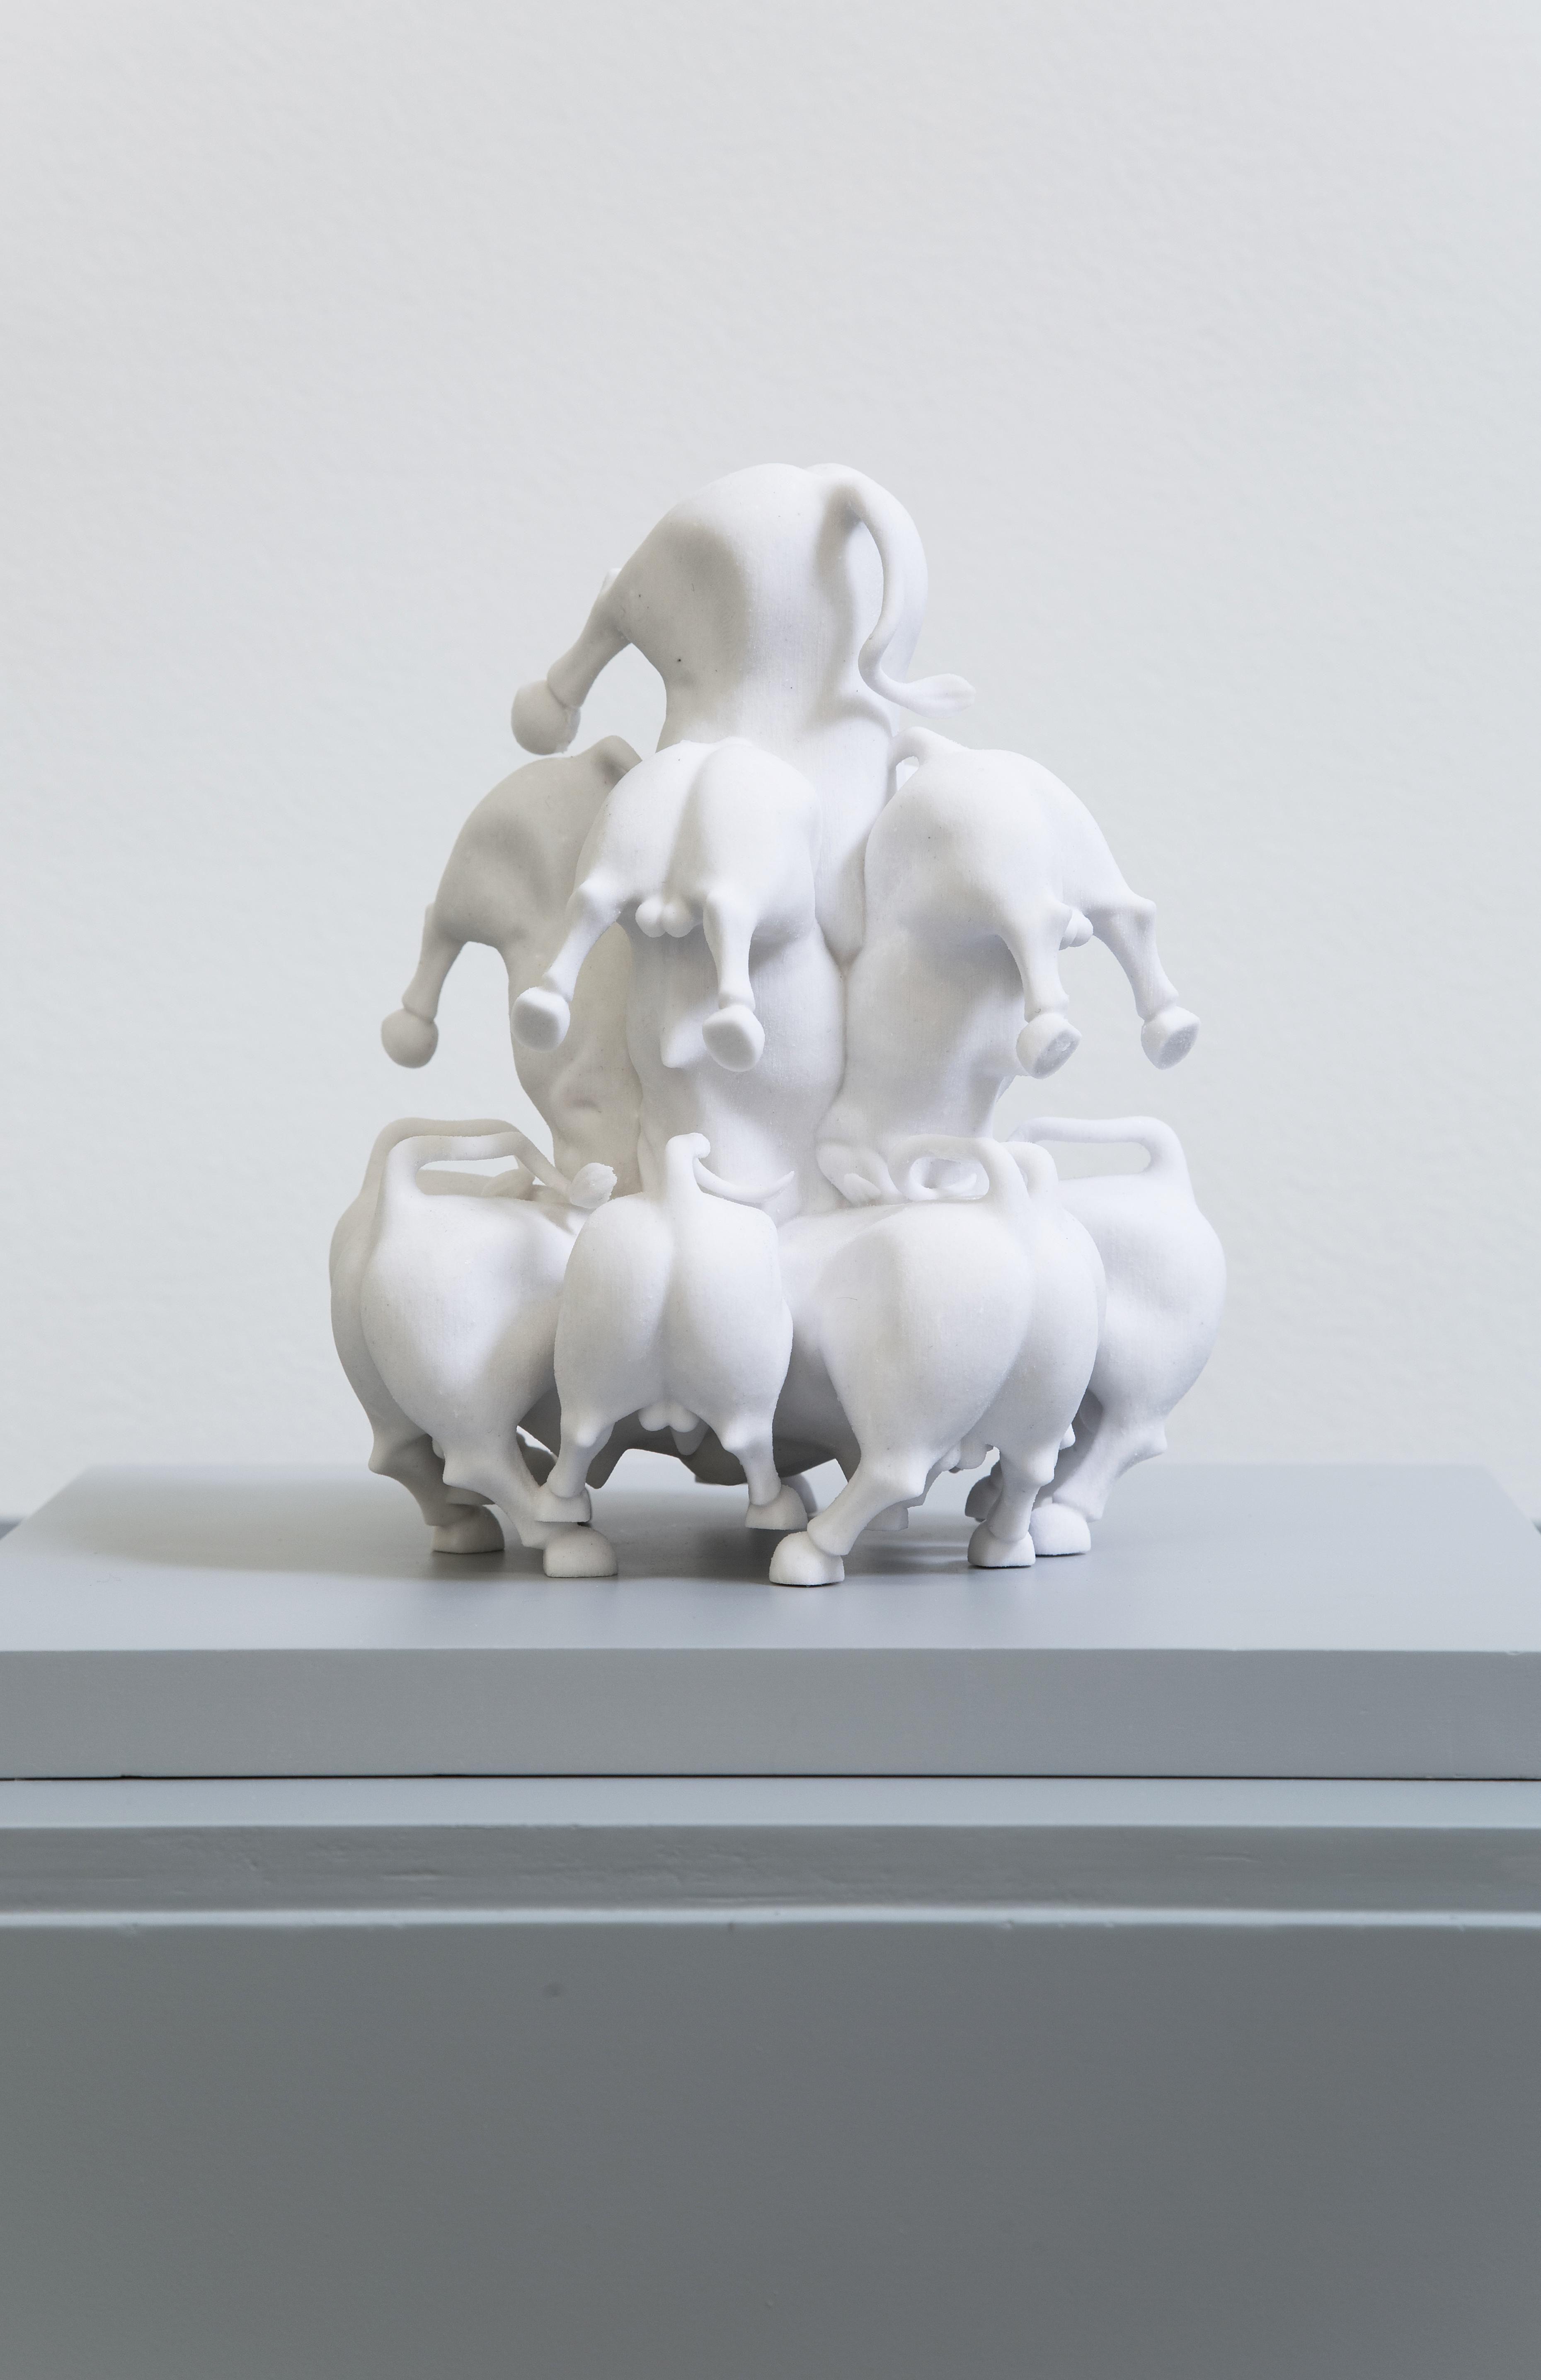 Estudios del Agotamiento: estudio no. IV, Especulación | Polvo de mármol y yeso, impresión en 3D  17 x 13.5 x 15cm | 2014 - 2015